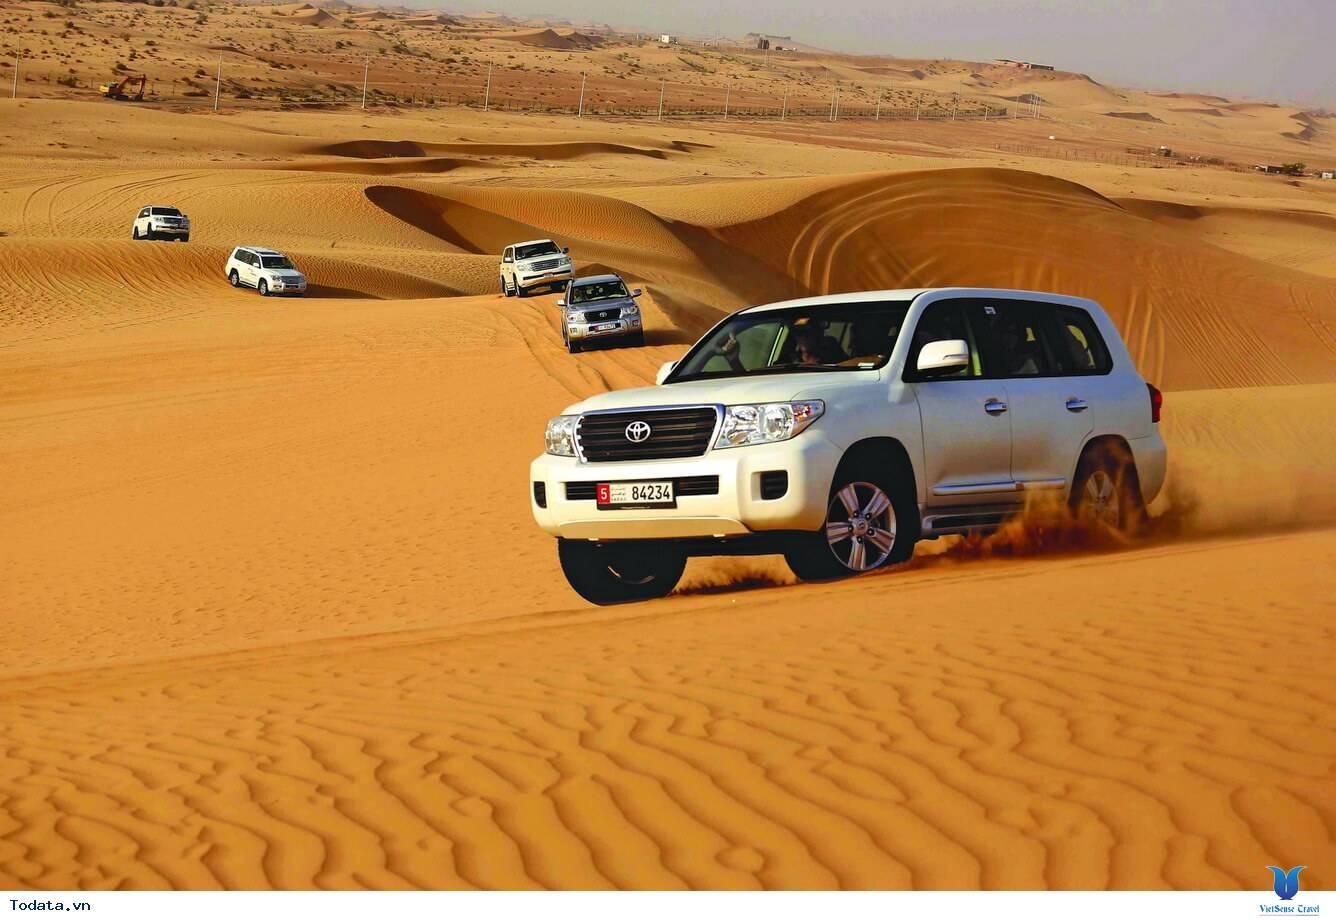 Trải Nghiệm Có 1 Không 2 Trên Sa Mạc Safari - Ảnh 3